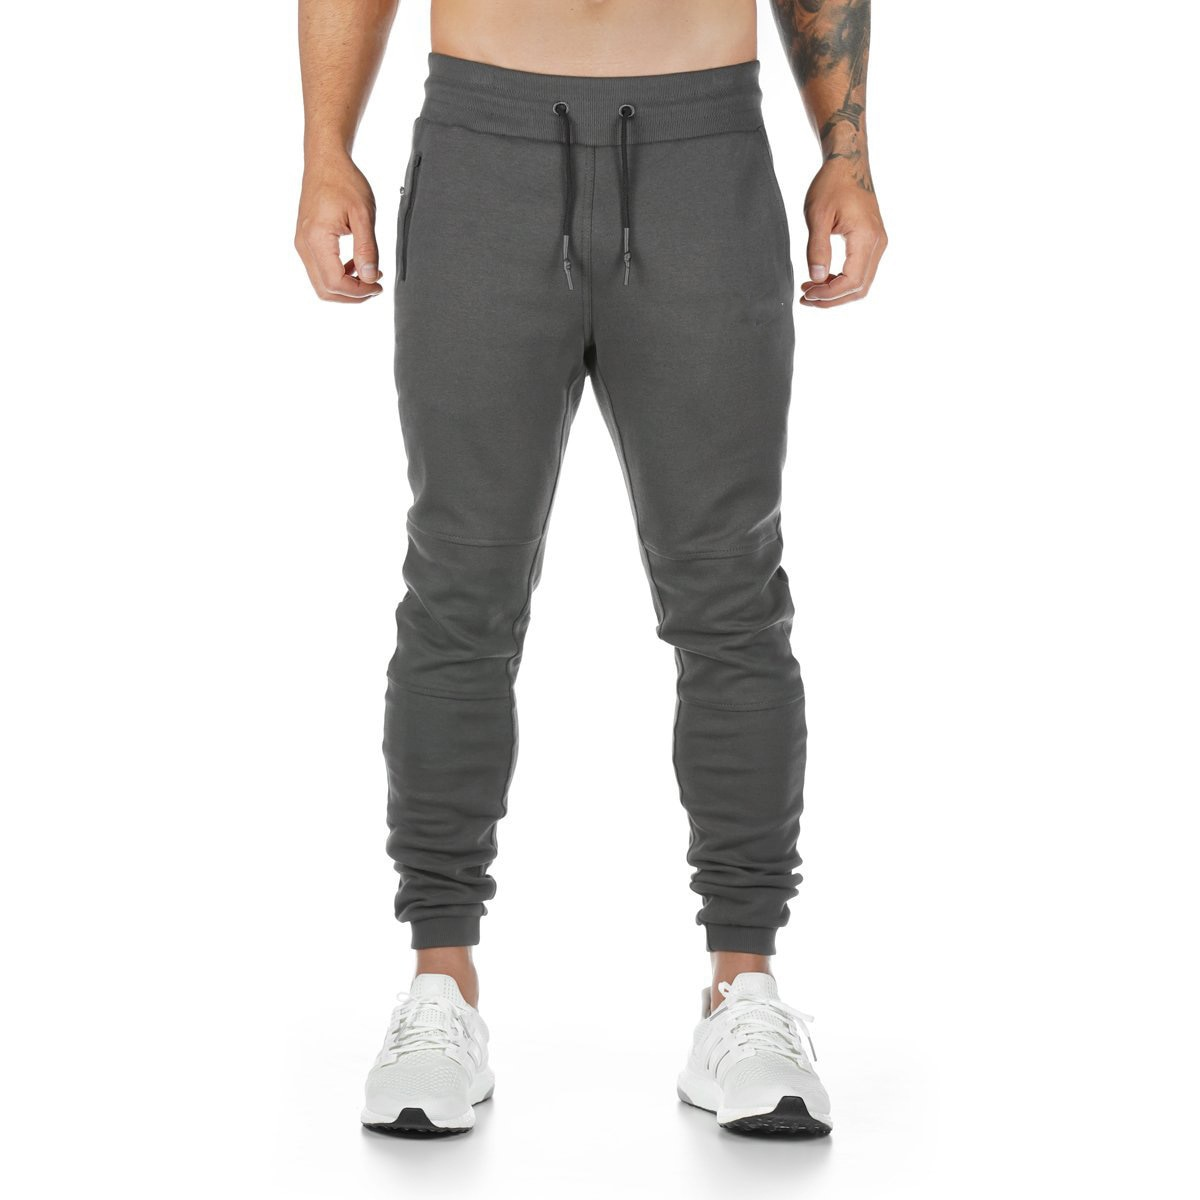 2020 спортивные мужские тренировочные облегающие тренировочные брюки, Джоггеры для бега, Джоггеры для фитнеса, однотонные длинные брюки, муж...